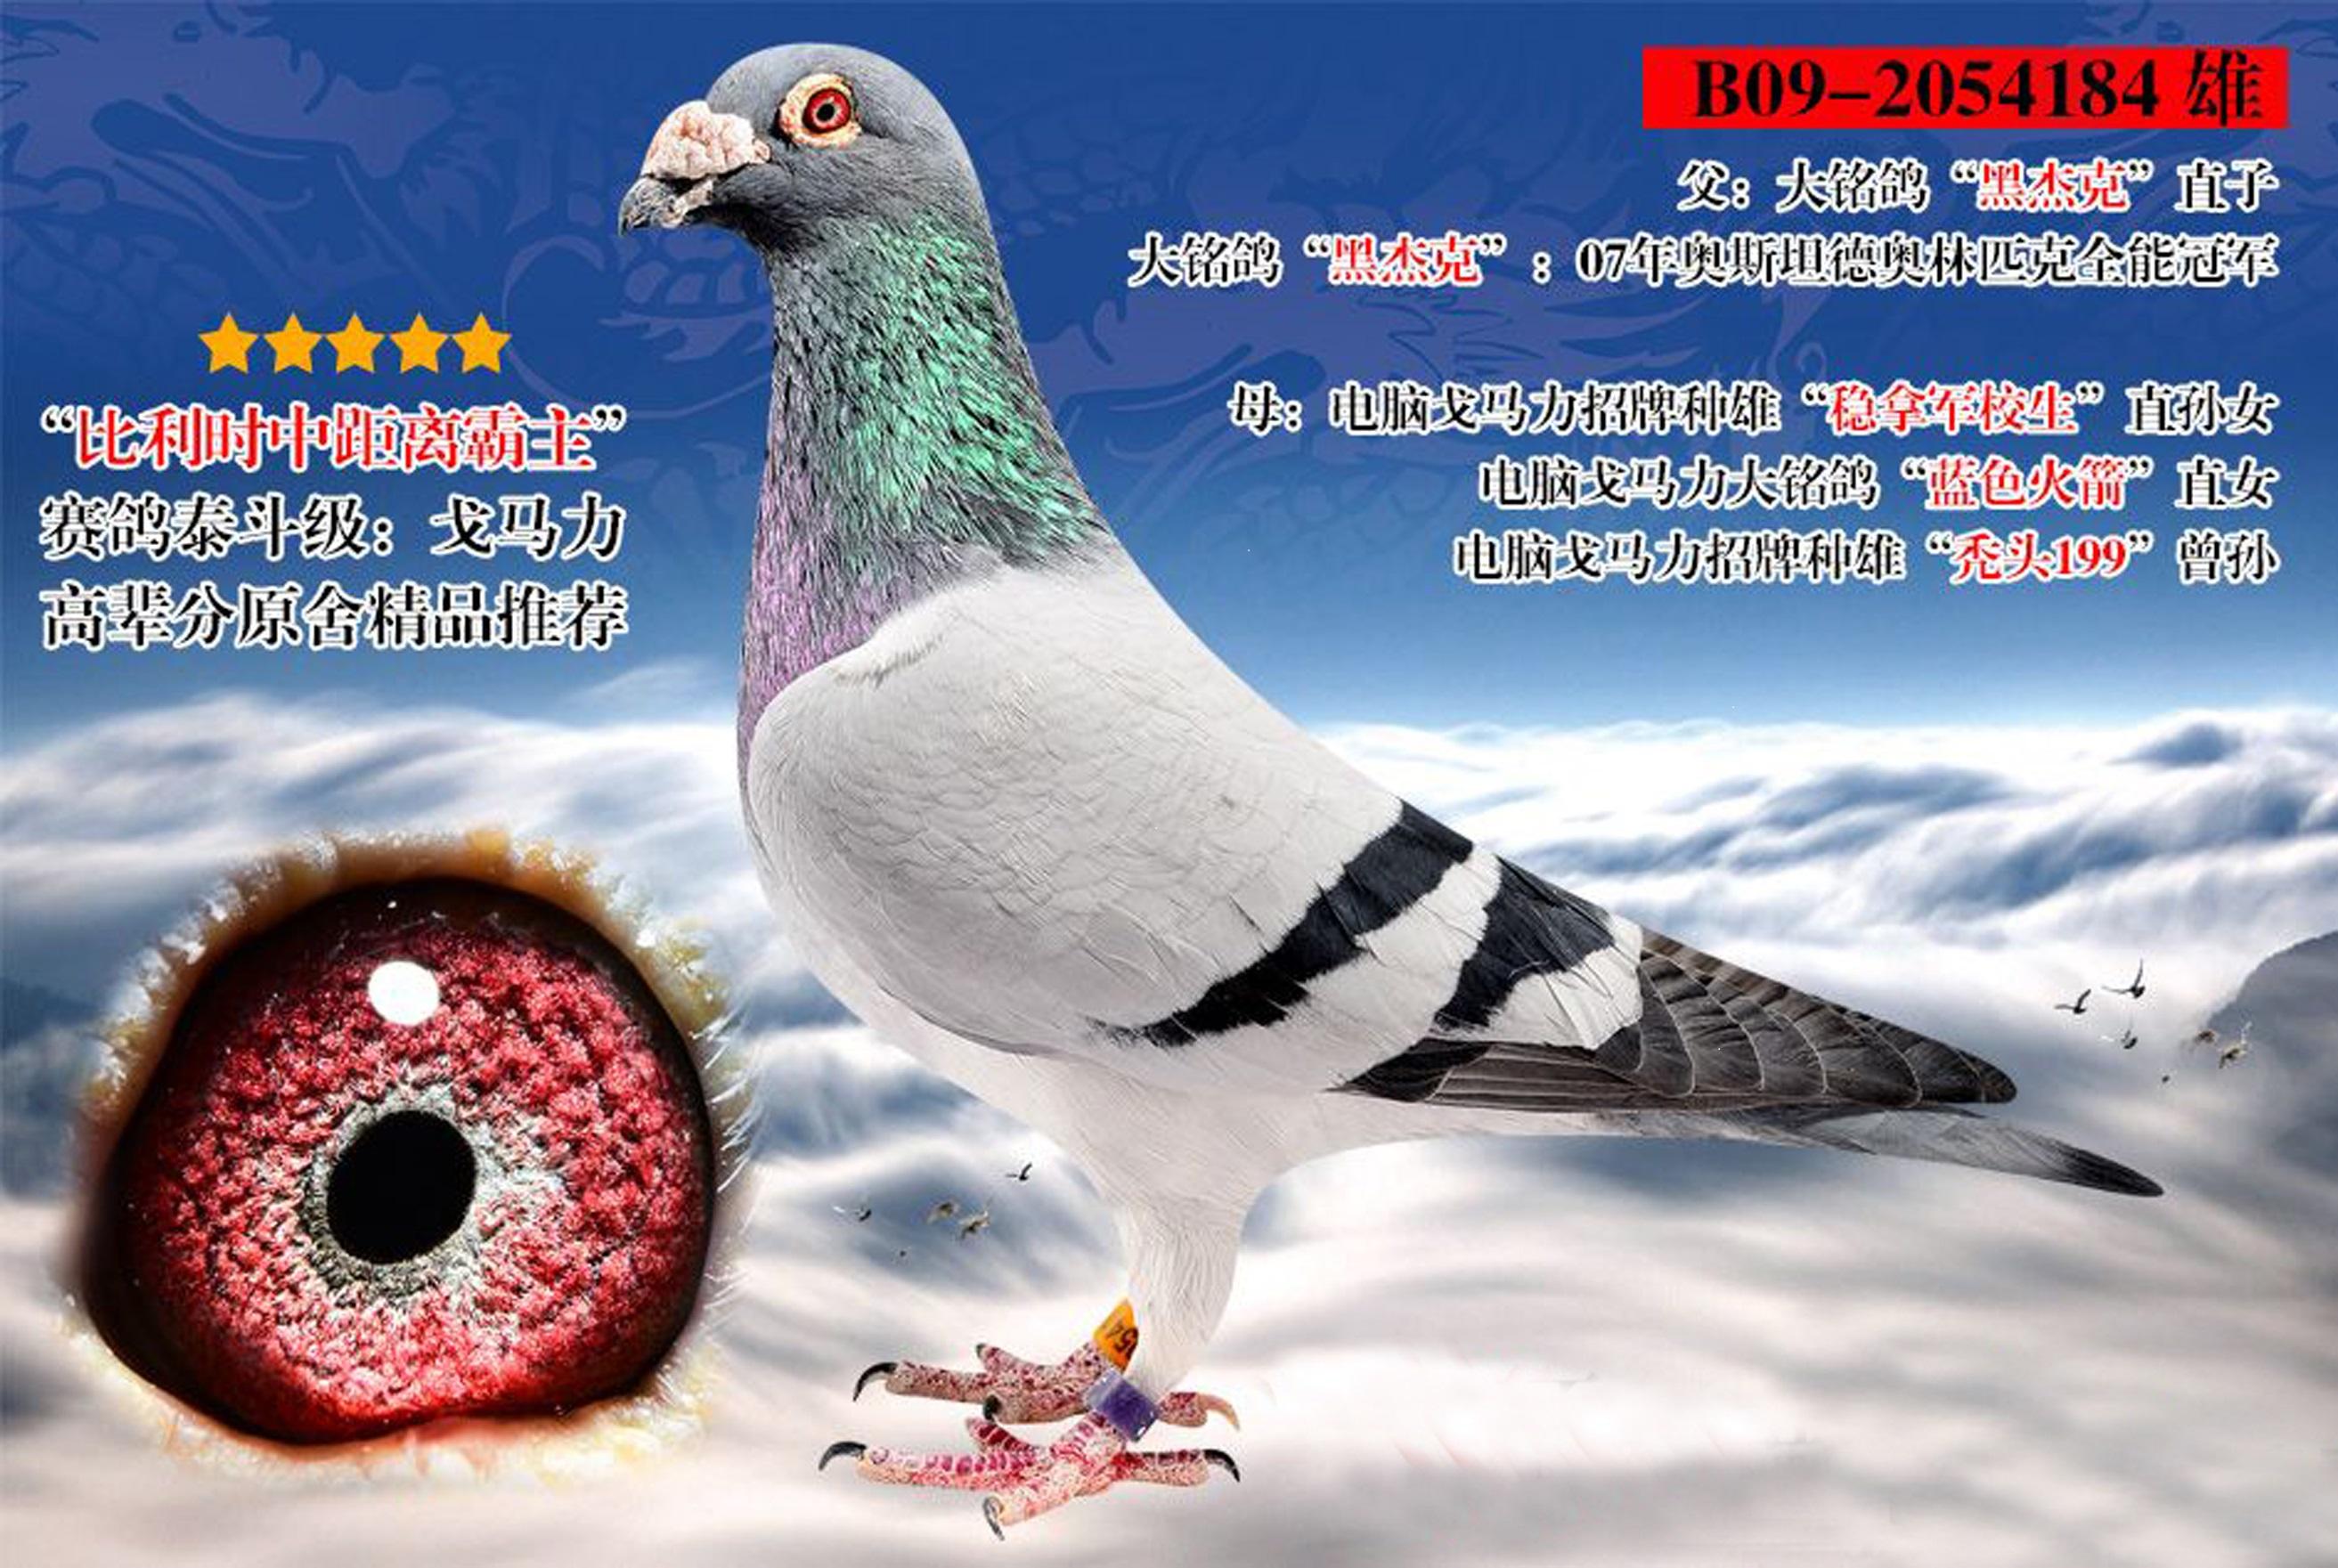 """戈马力""""黑杰克""""184-美国金字塔联合鸽舍-中信网爱鸽"""